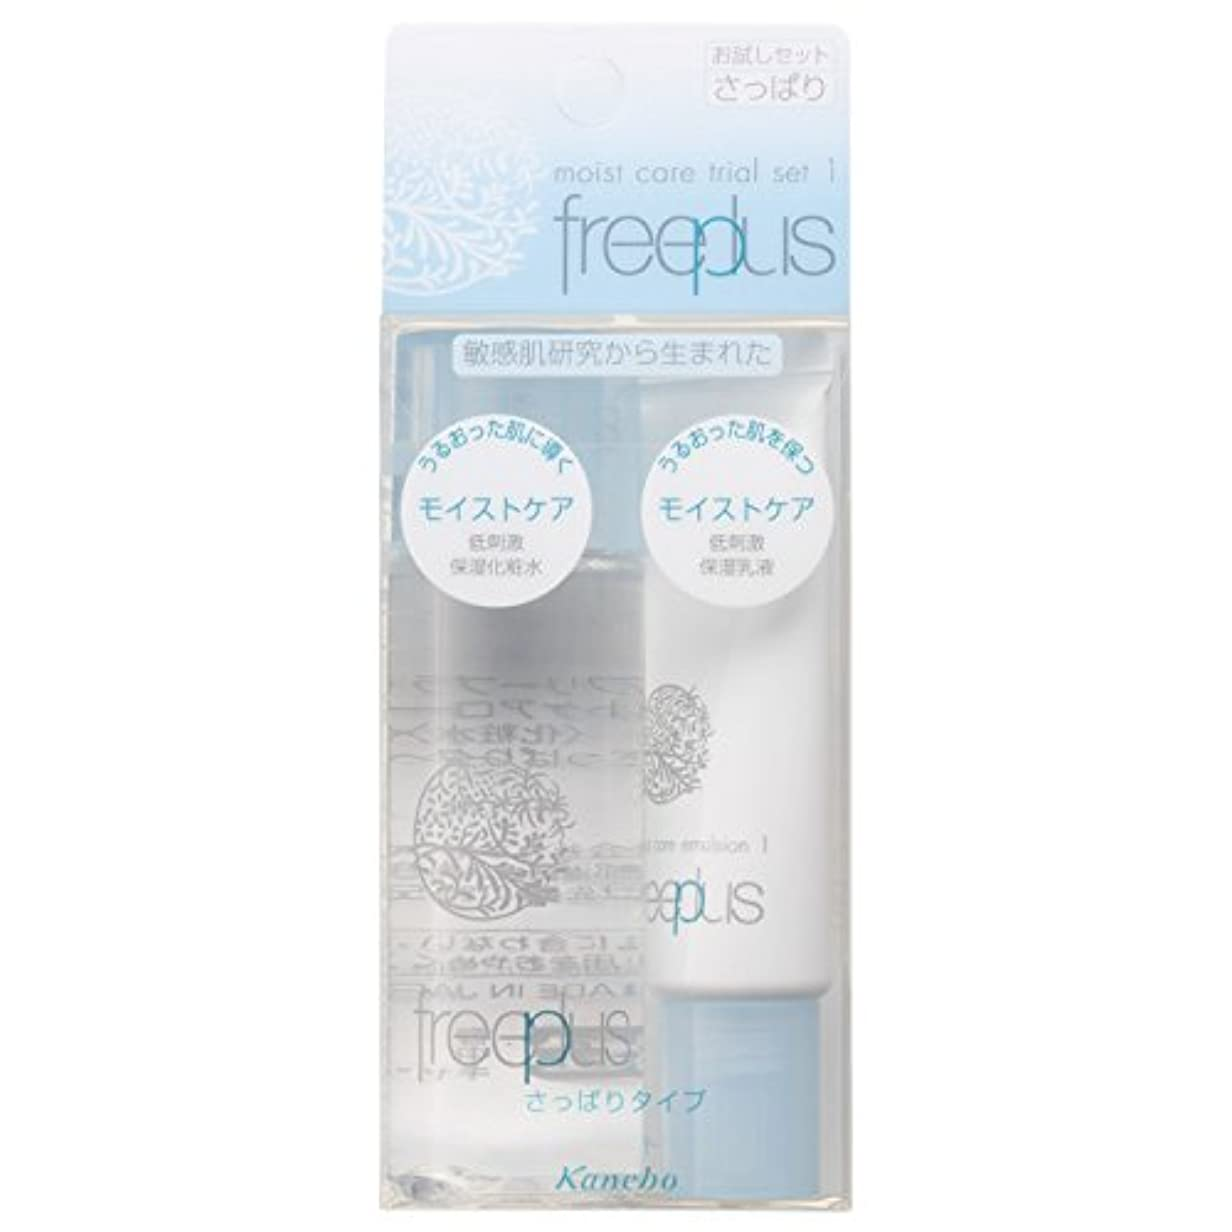 ジャングルゆるく避けられないフリープラス モイストケアトライアルセット1(さっぱりタイプ 乳液?化粧水)